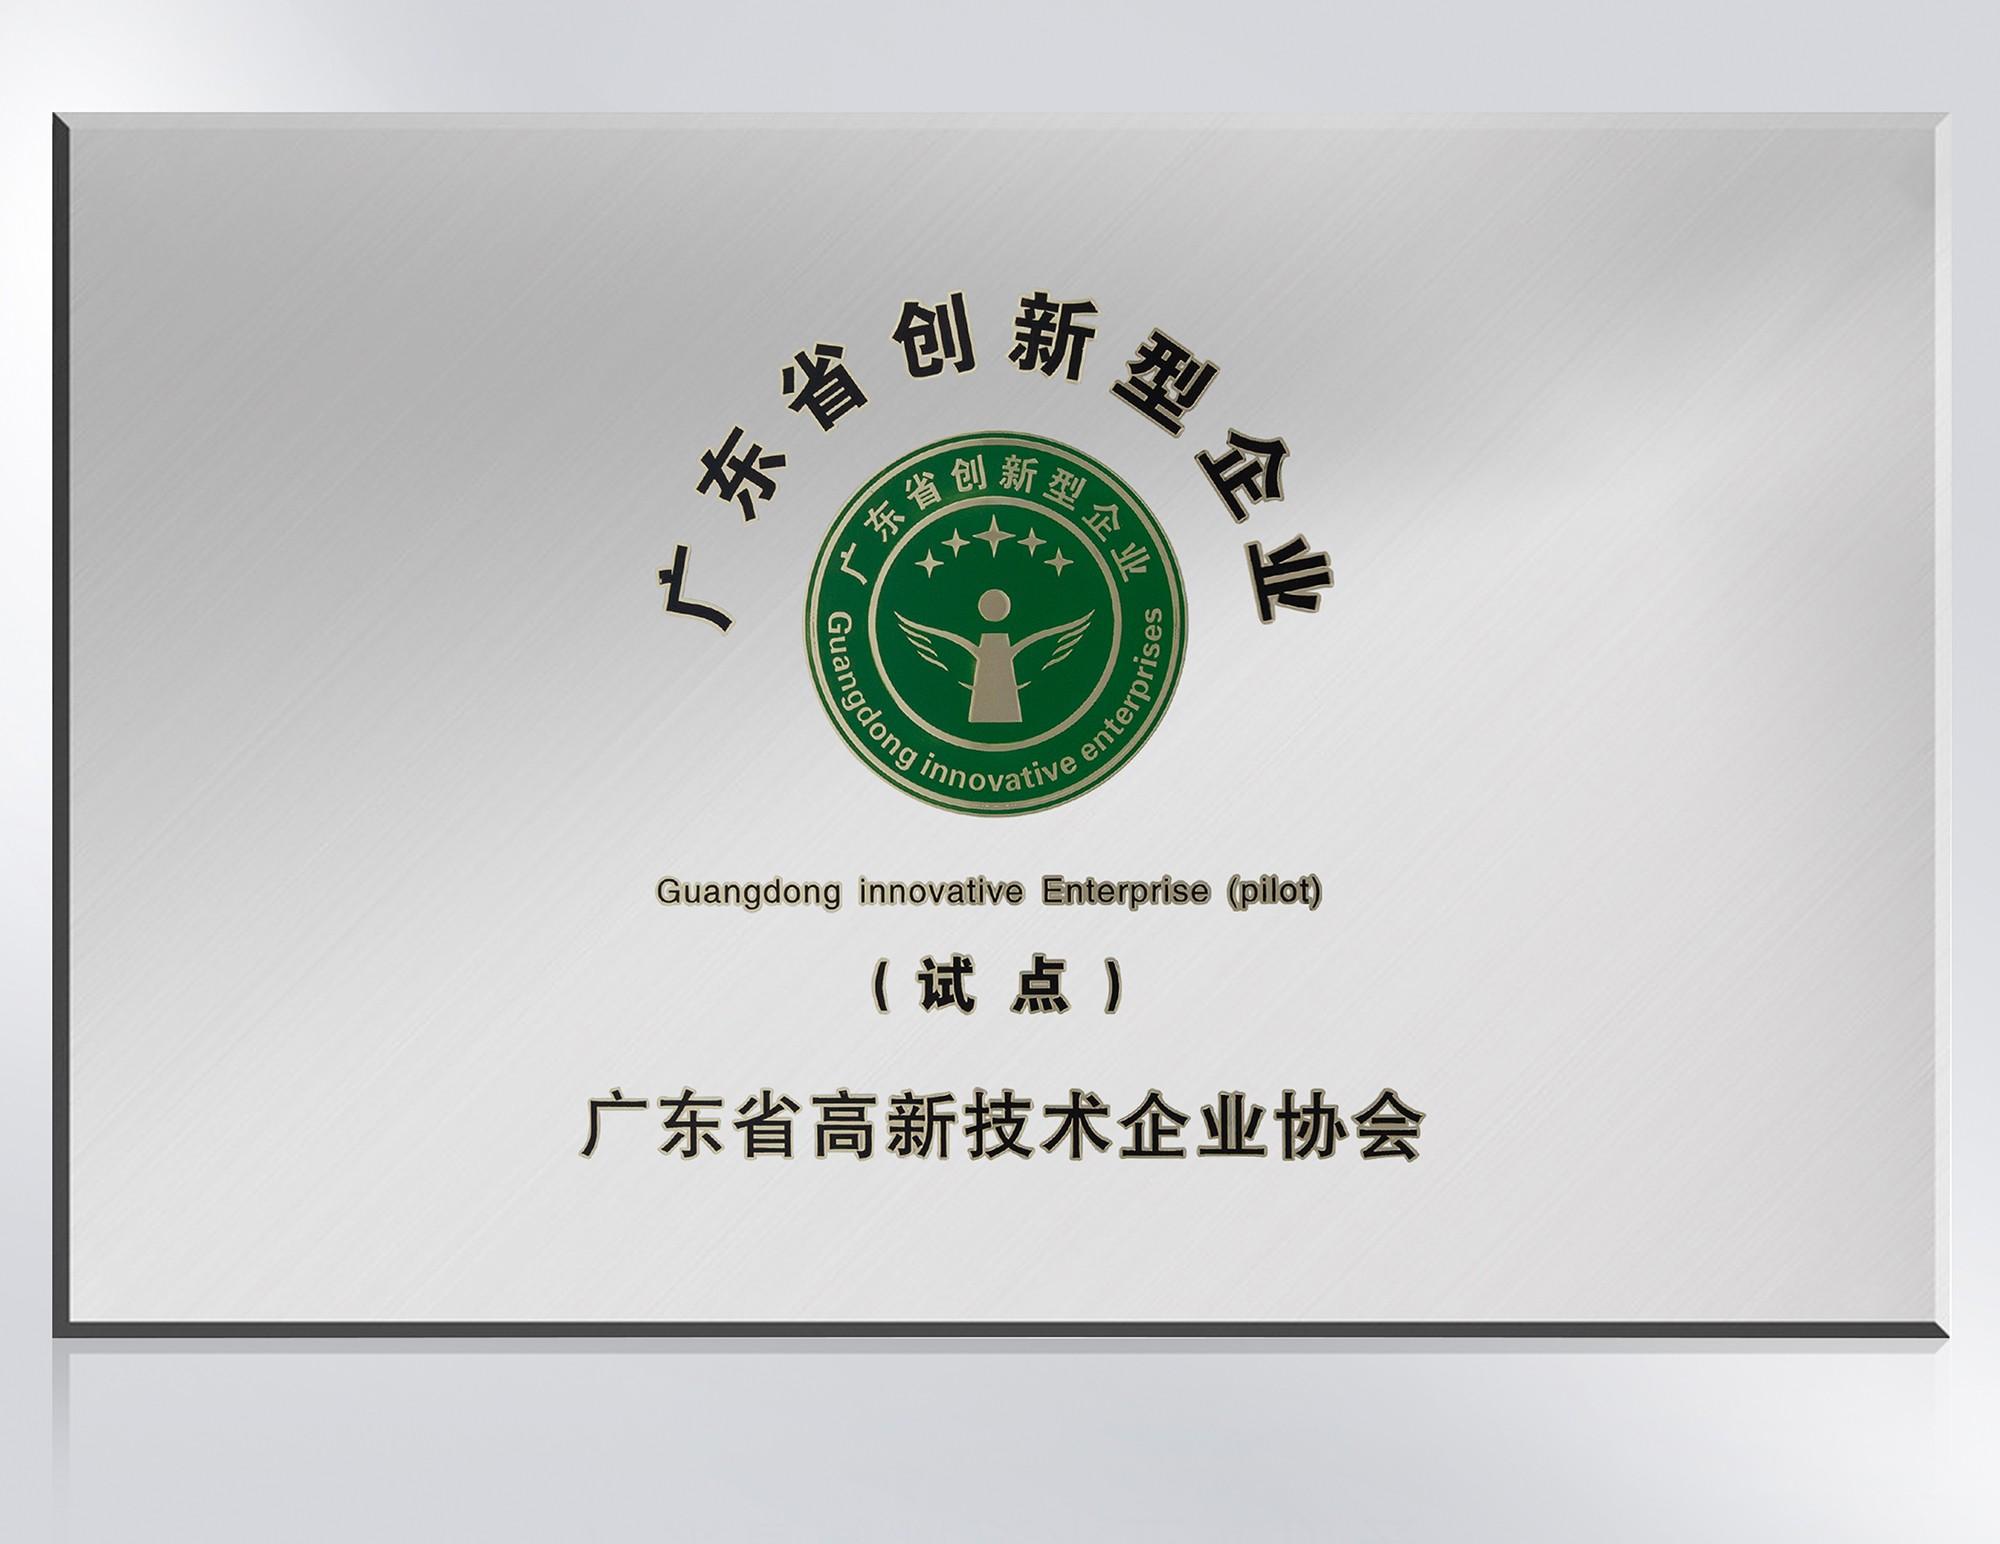 广东省创新型企业(试点)